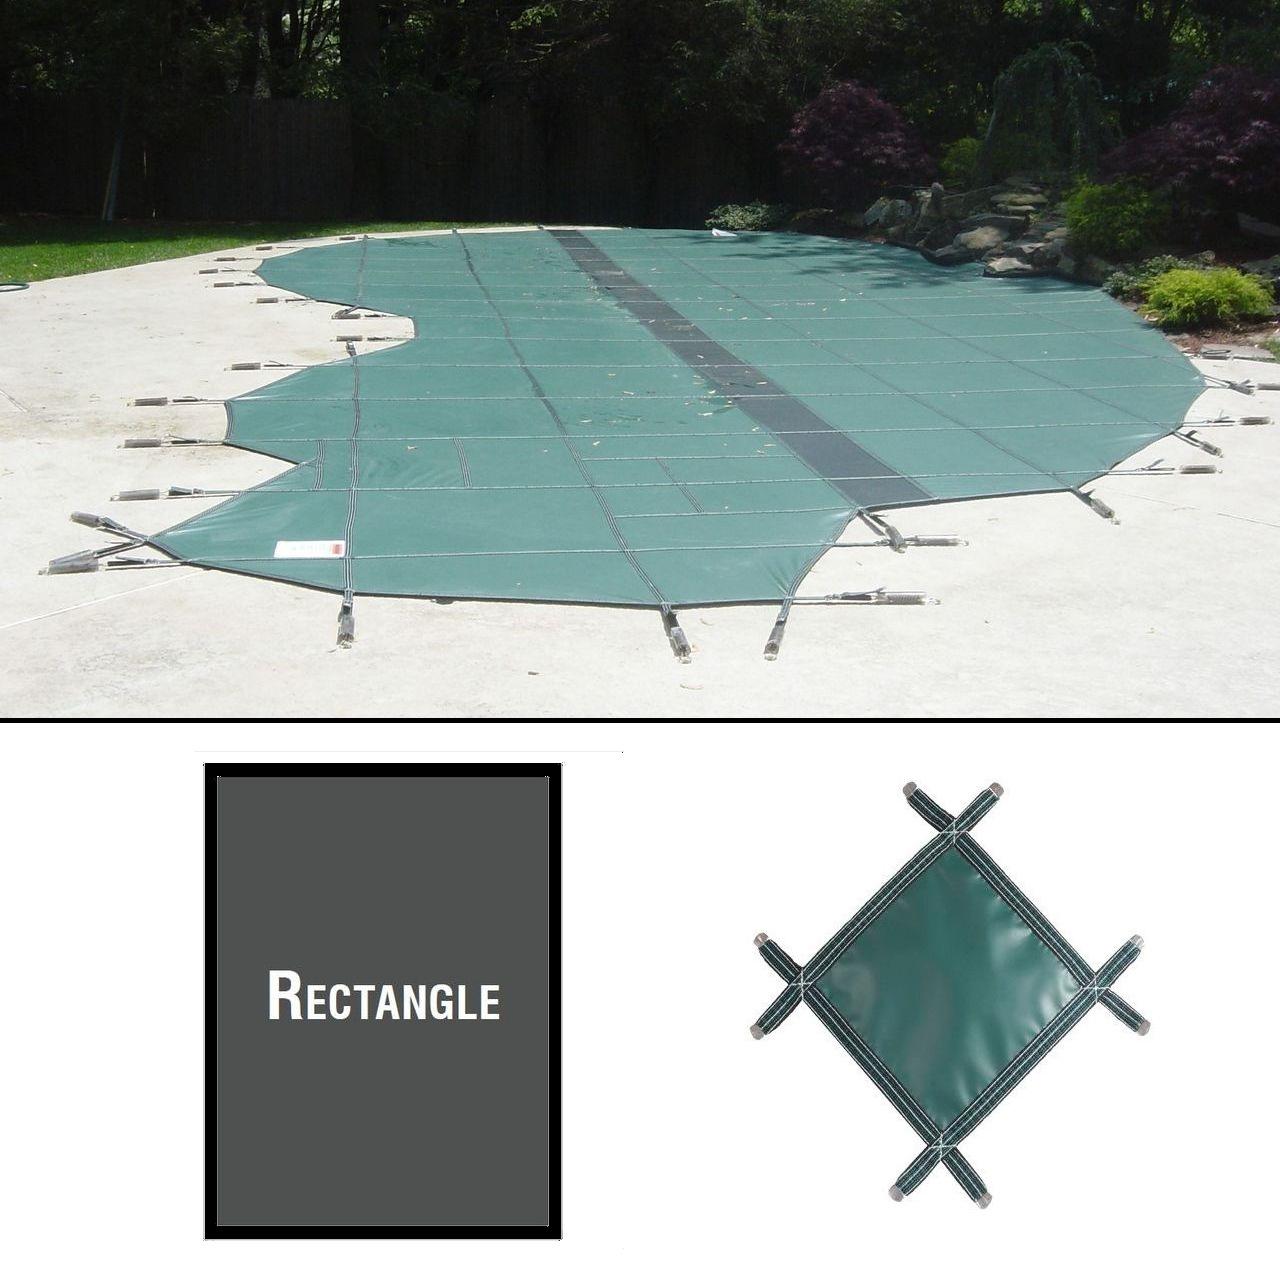 PermaGuard 20'x47' Rectangular Pool Cover